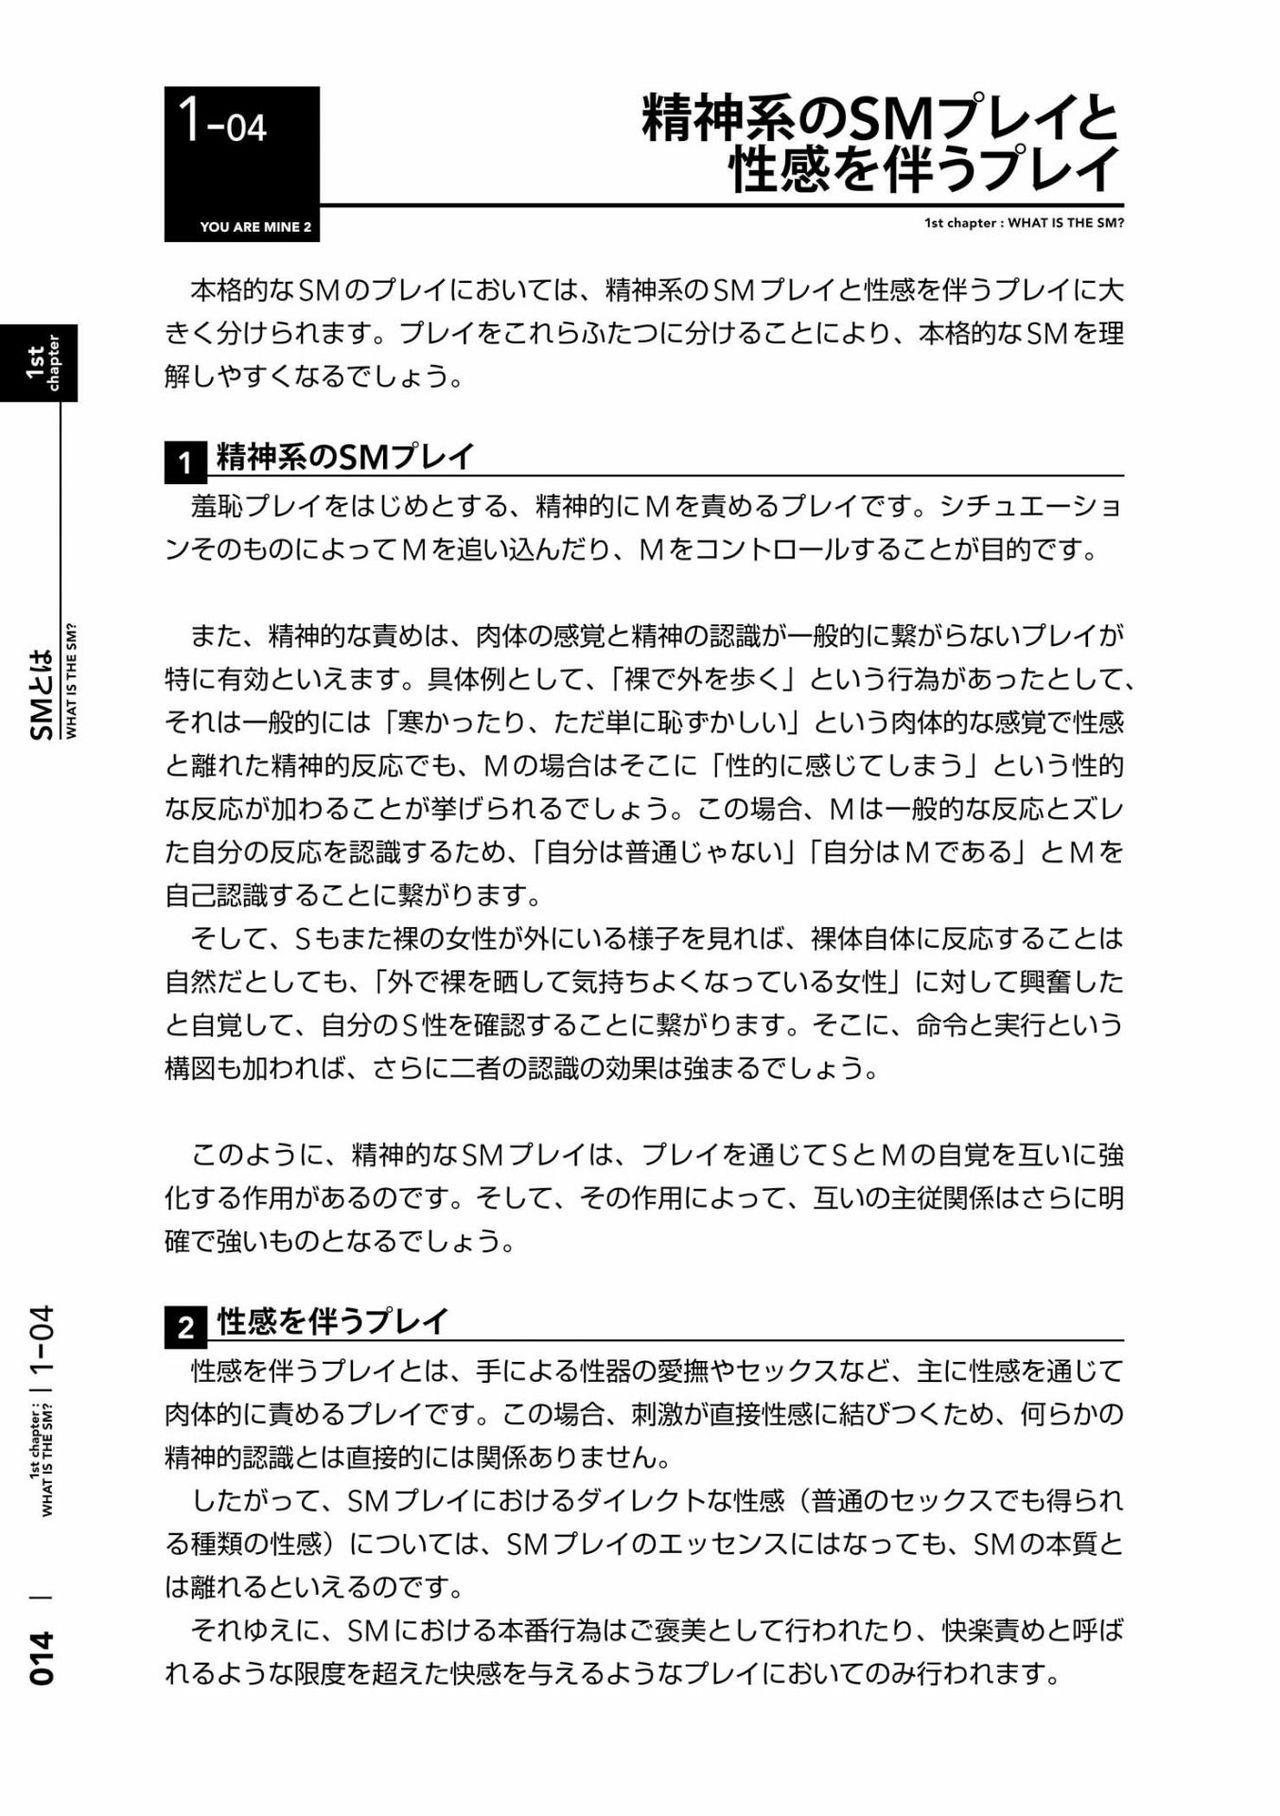 [Mitsuba] Karada mo Kokoro mo Boku no Mono ~Hajimete no SM Guide~ 2 [Digital] 16